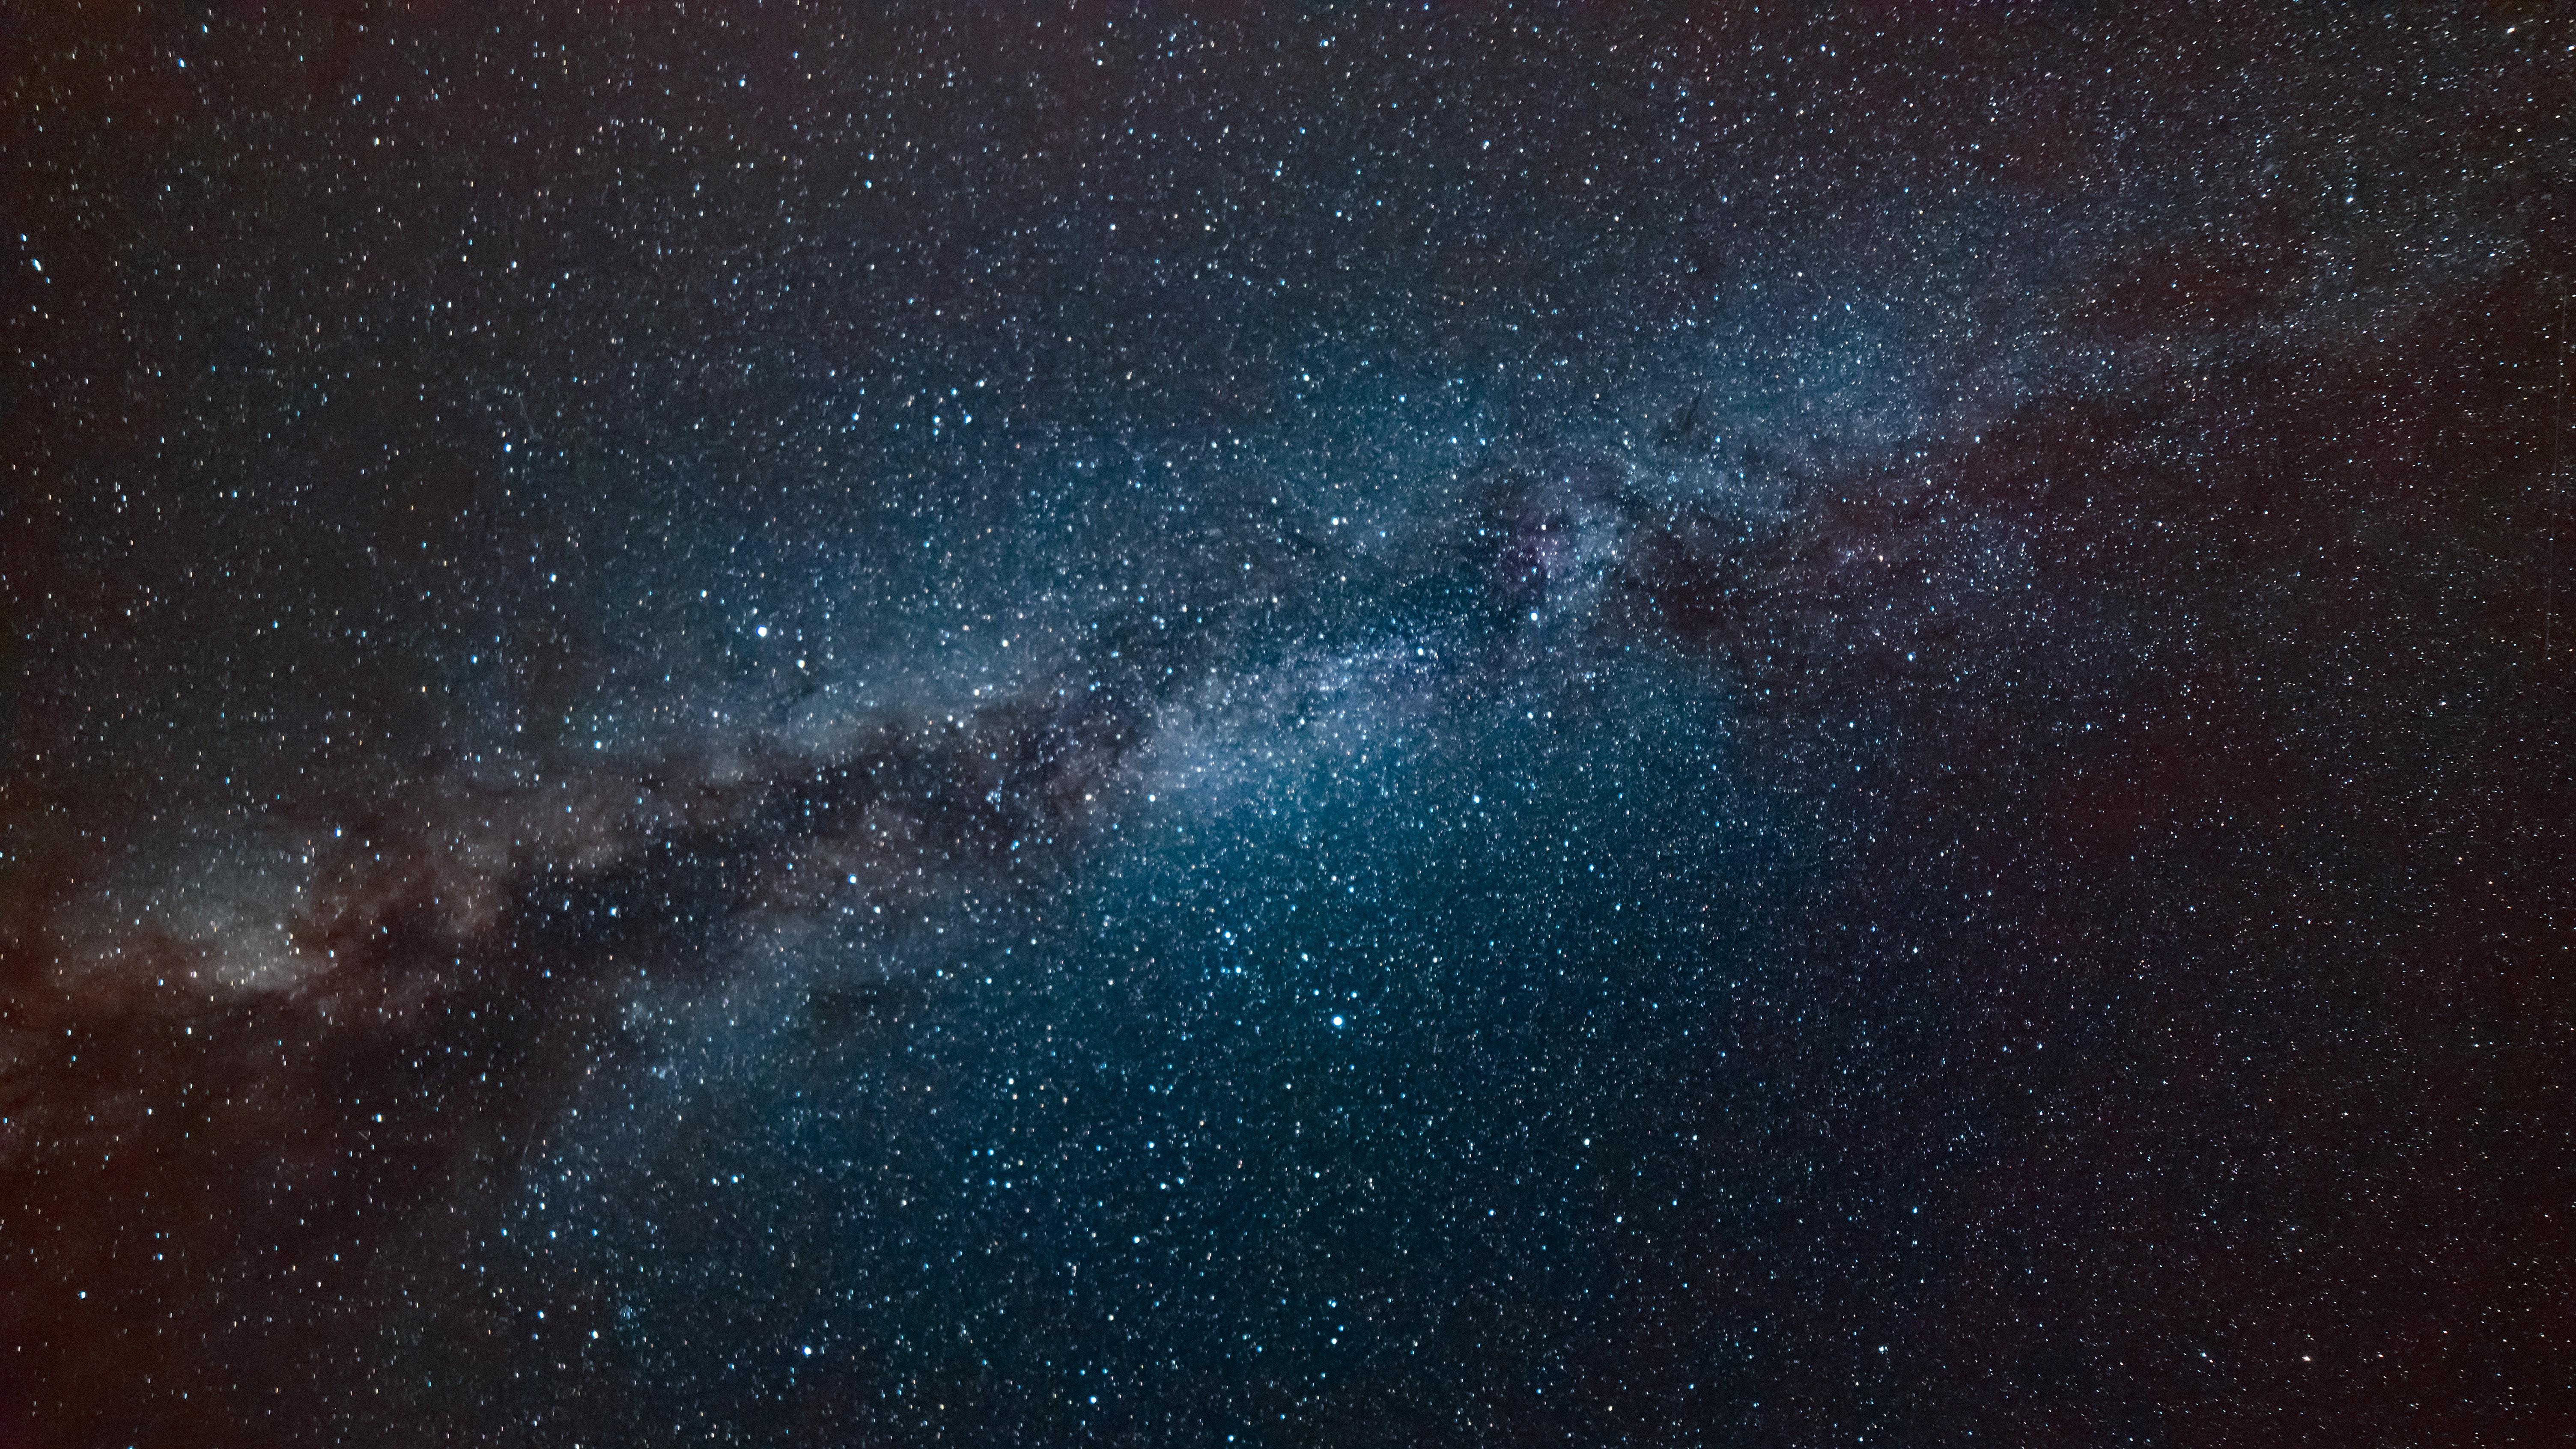 Fotos Gratis Abstracto Art Astronom 237 A Constelaci 243 N